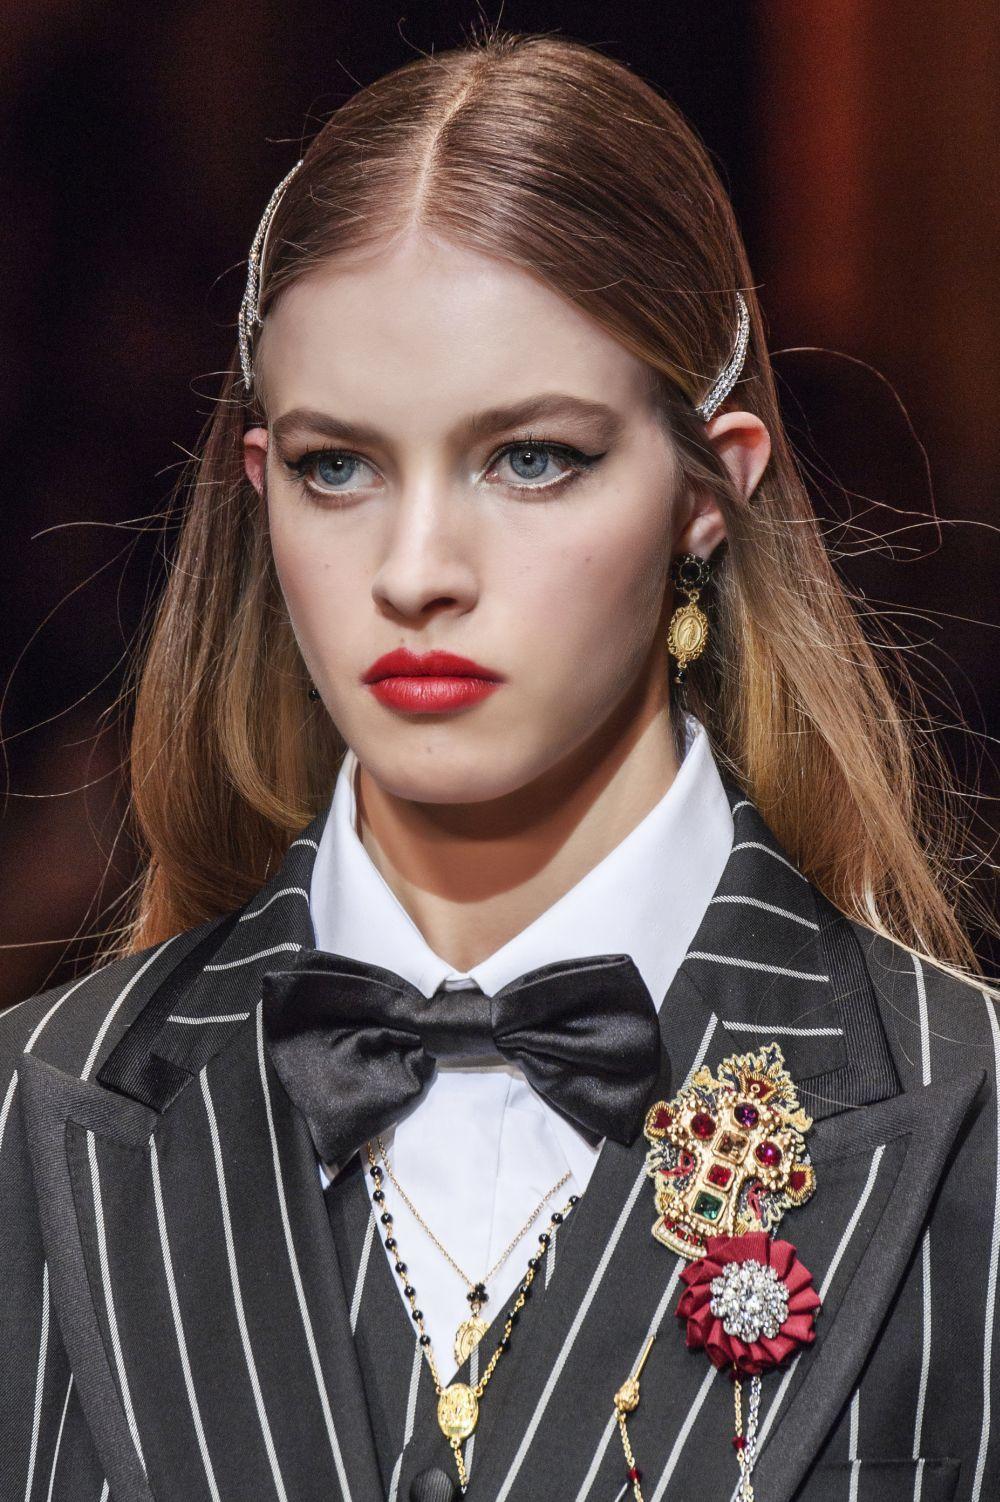 Pasadores con strass en el desfile de Dolce & Gabbana otoño invierno...